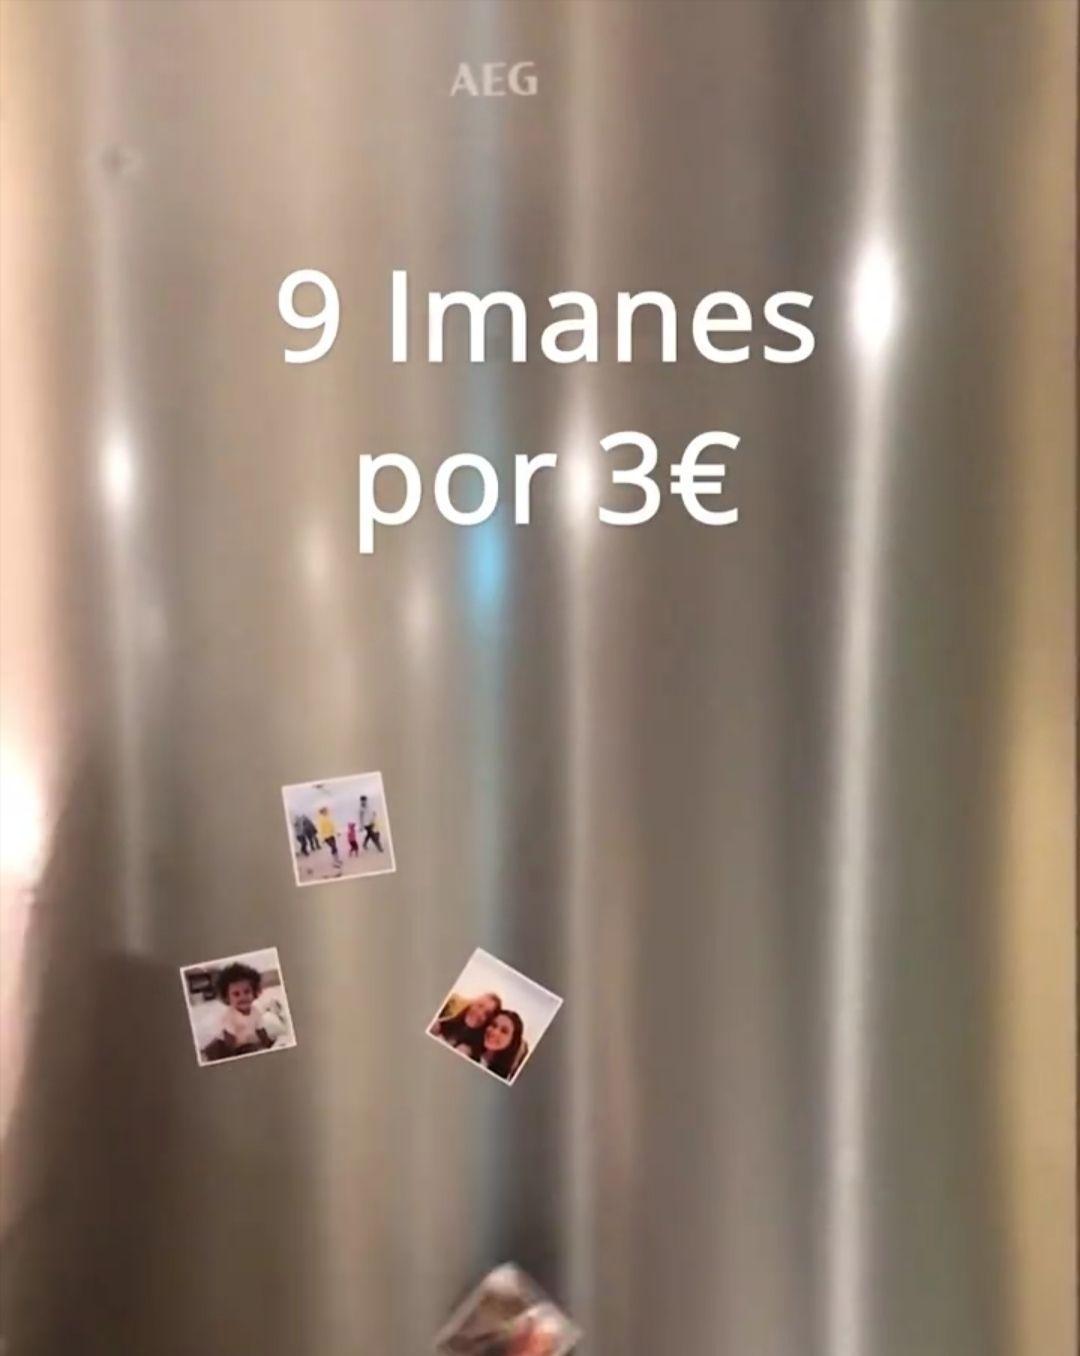 9 imanes personalizados 3€ (gastos de envío aparte) con Hofmann